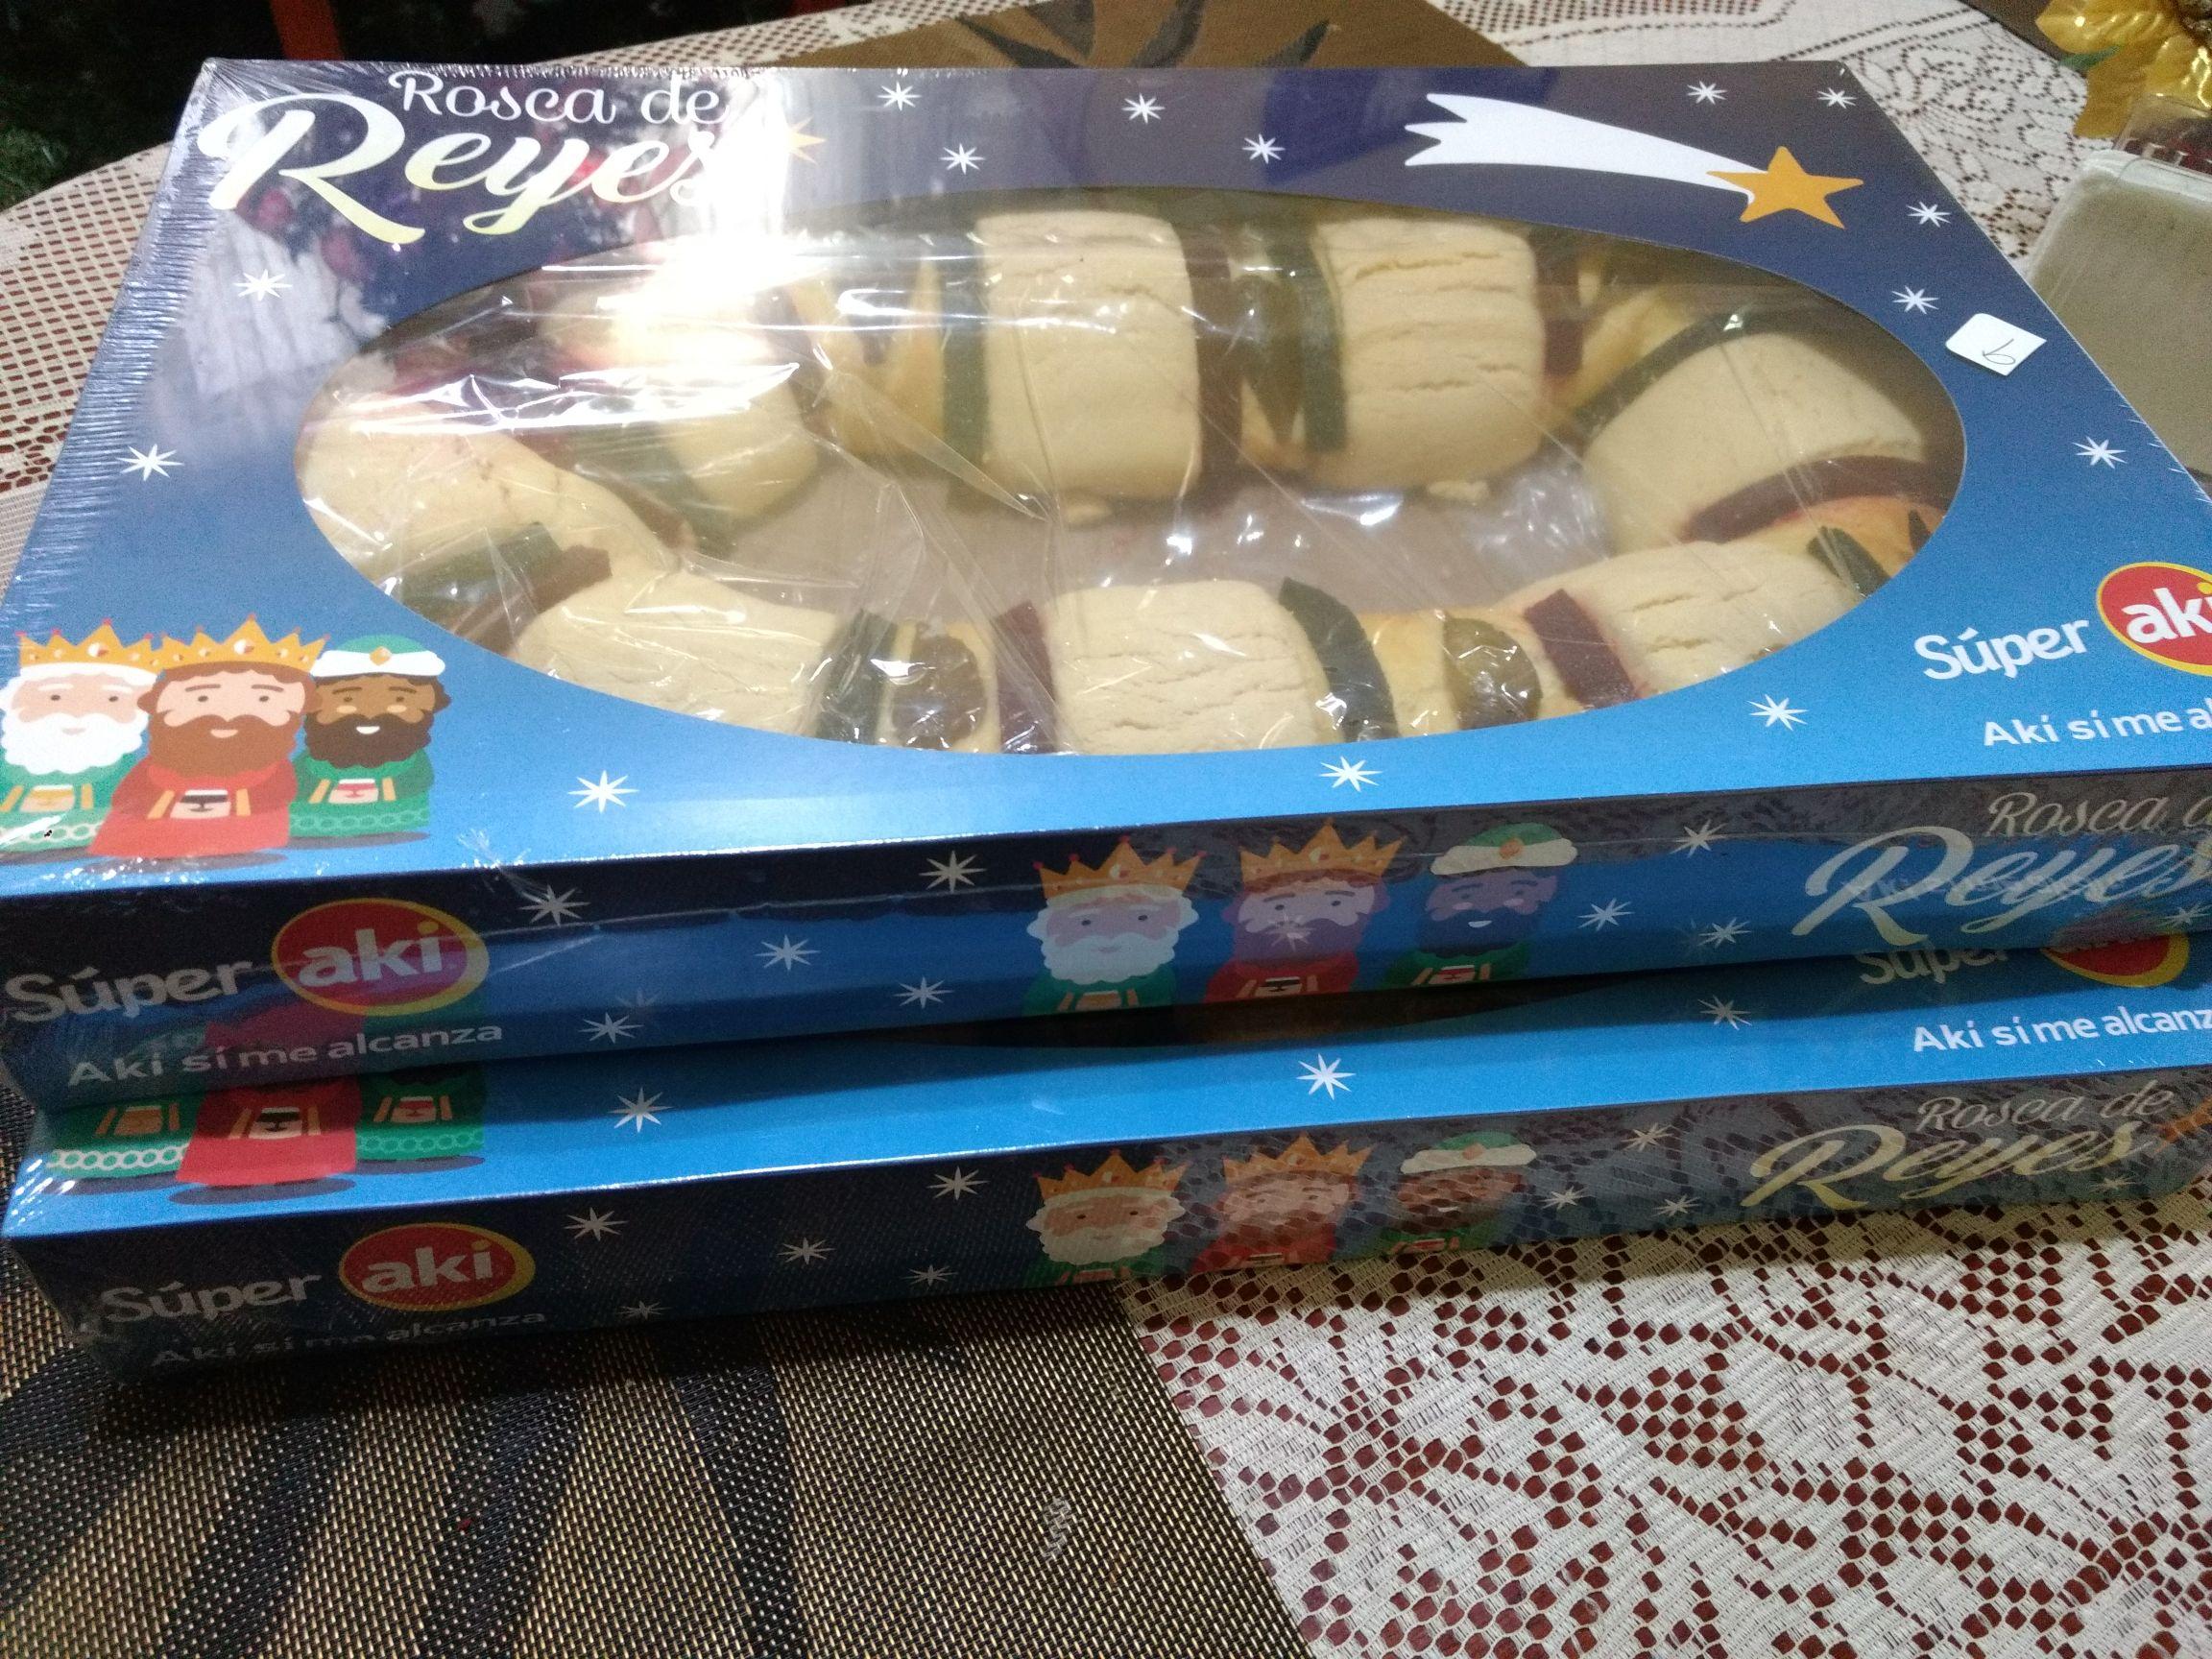 Super Aki: 2 roscas de reyes grandes por 99